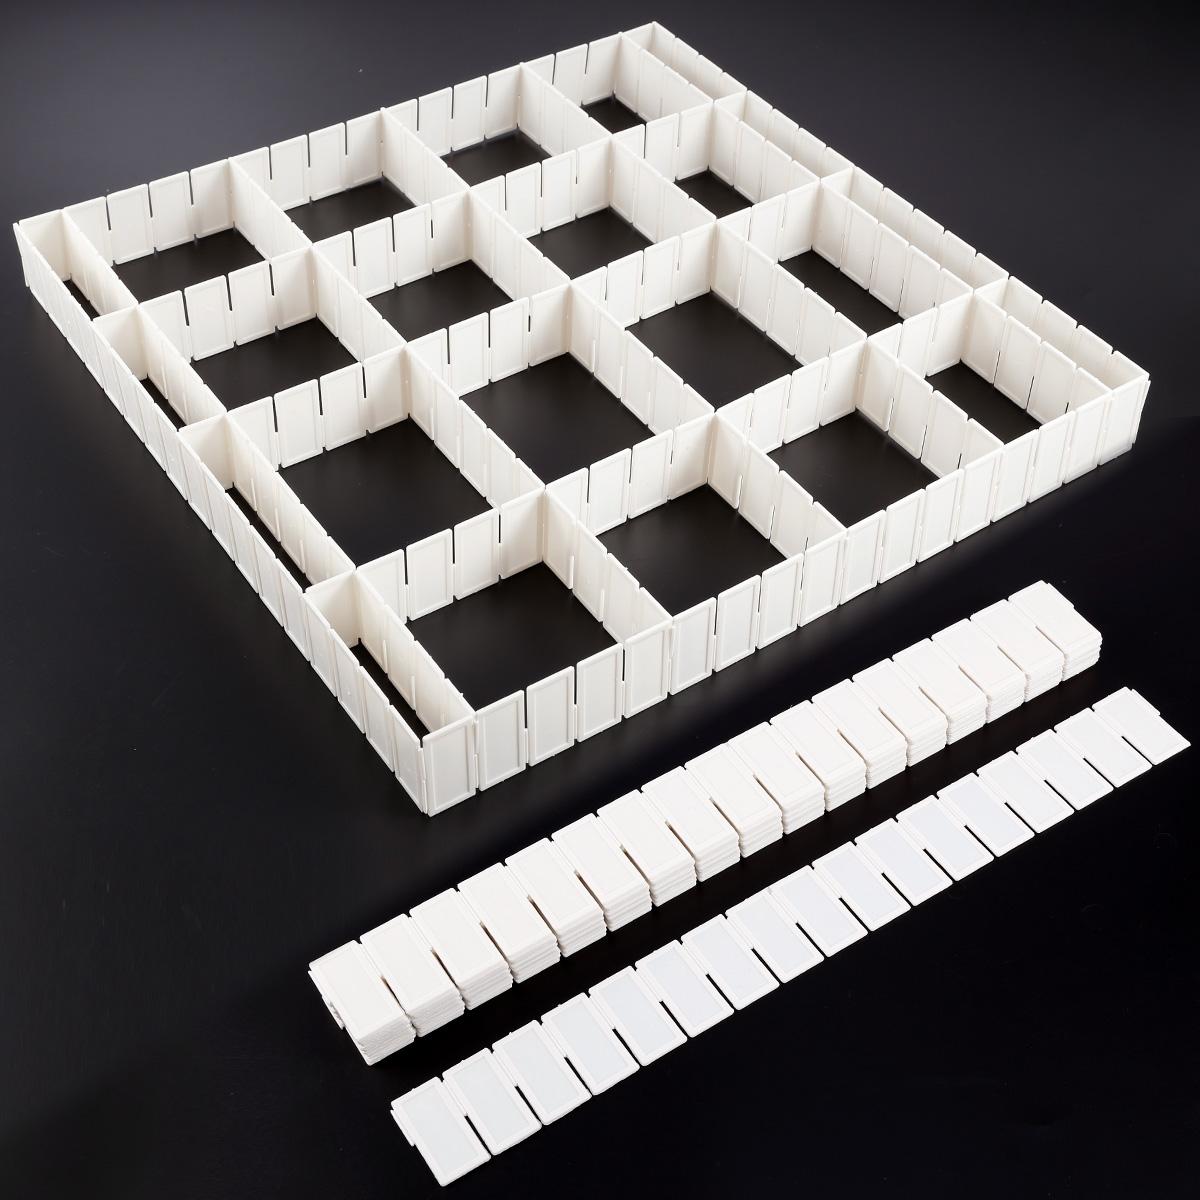 12 24 x schubladenteiler fachteiler zuschneidbar schubladentrenner organizer ebay. Black Bedroom Furniture Sets. Home Design Ideas